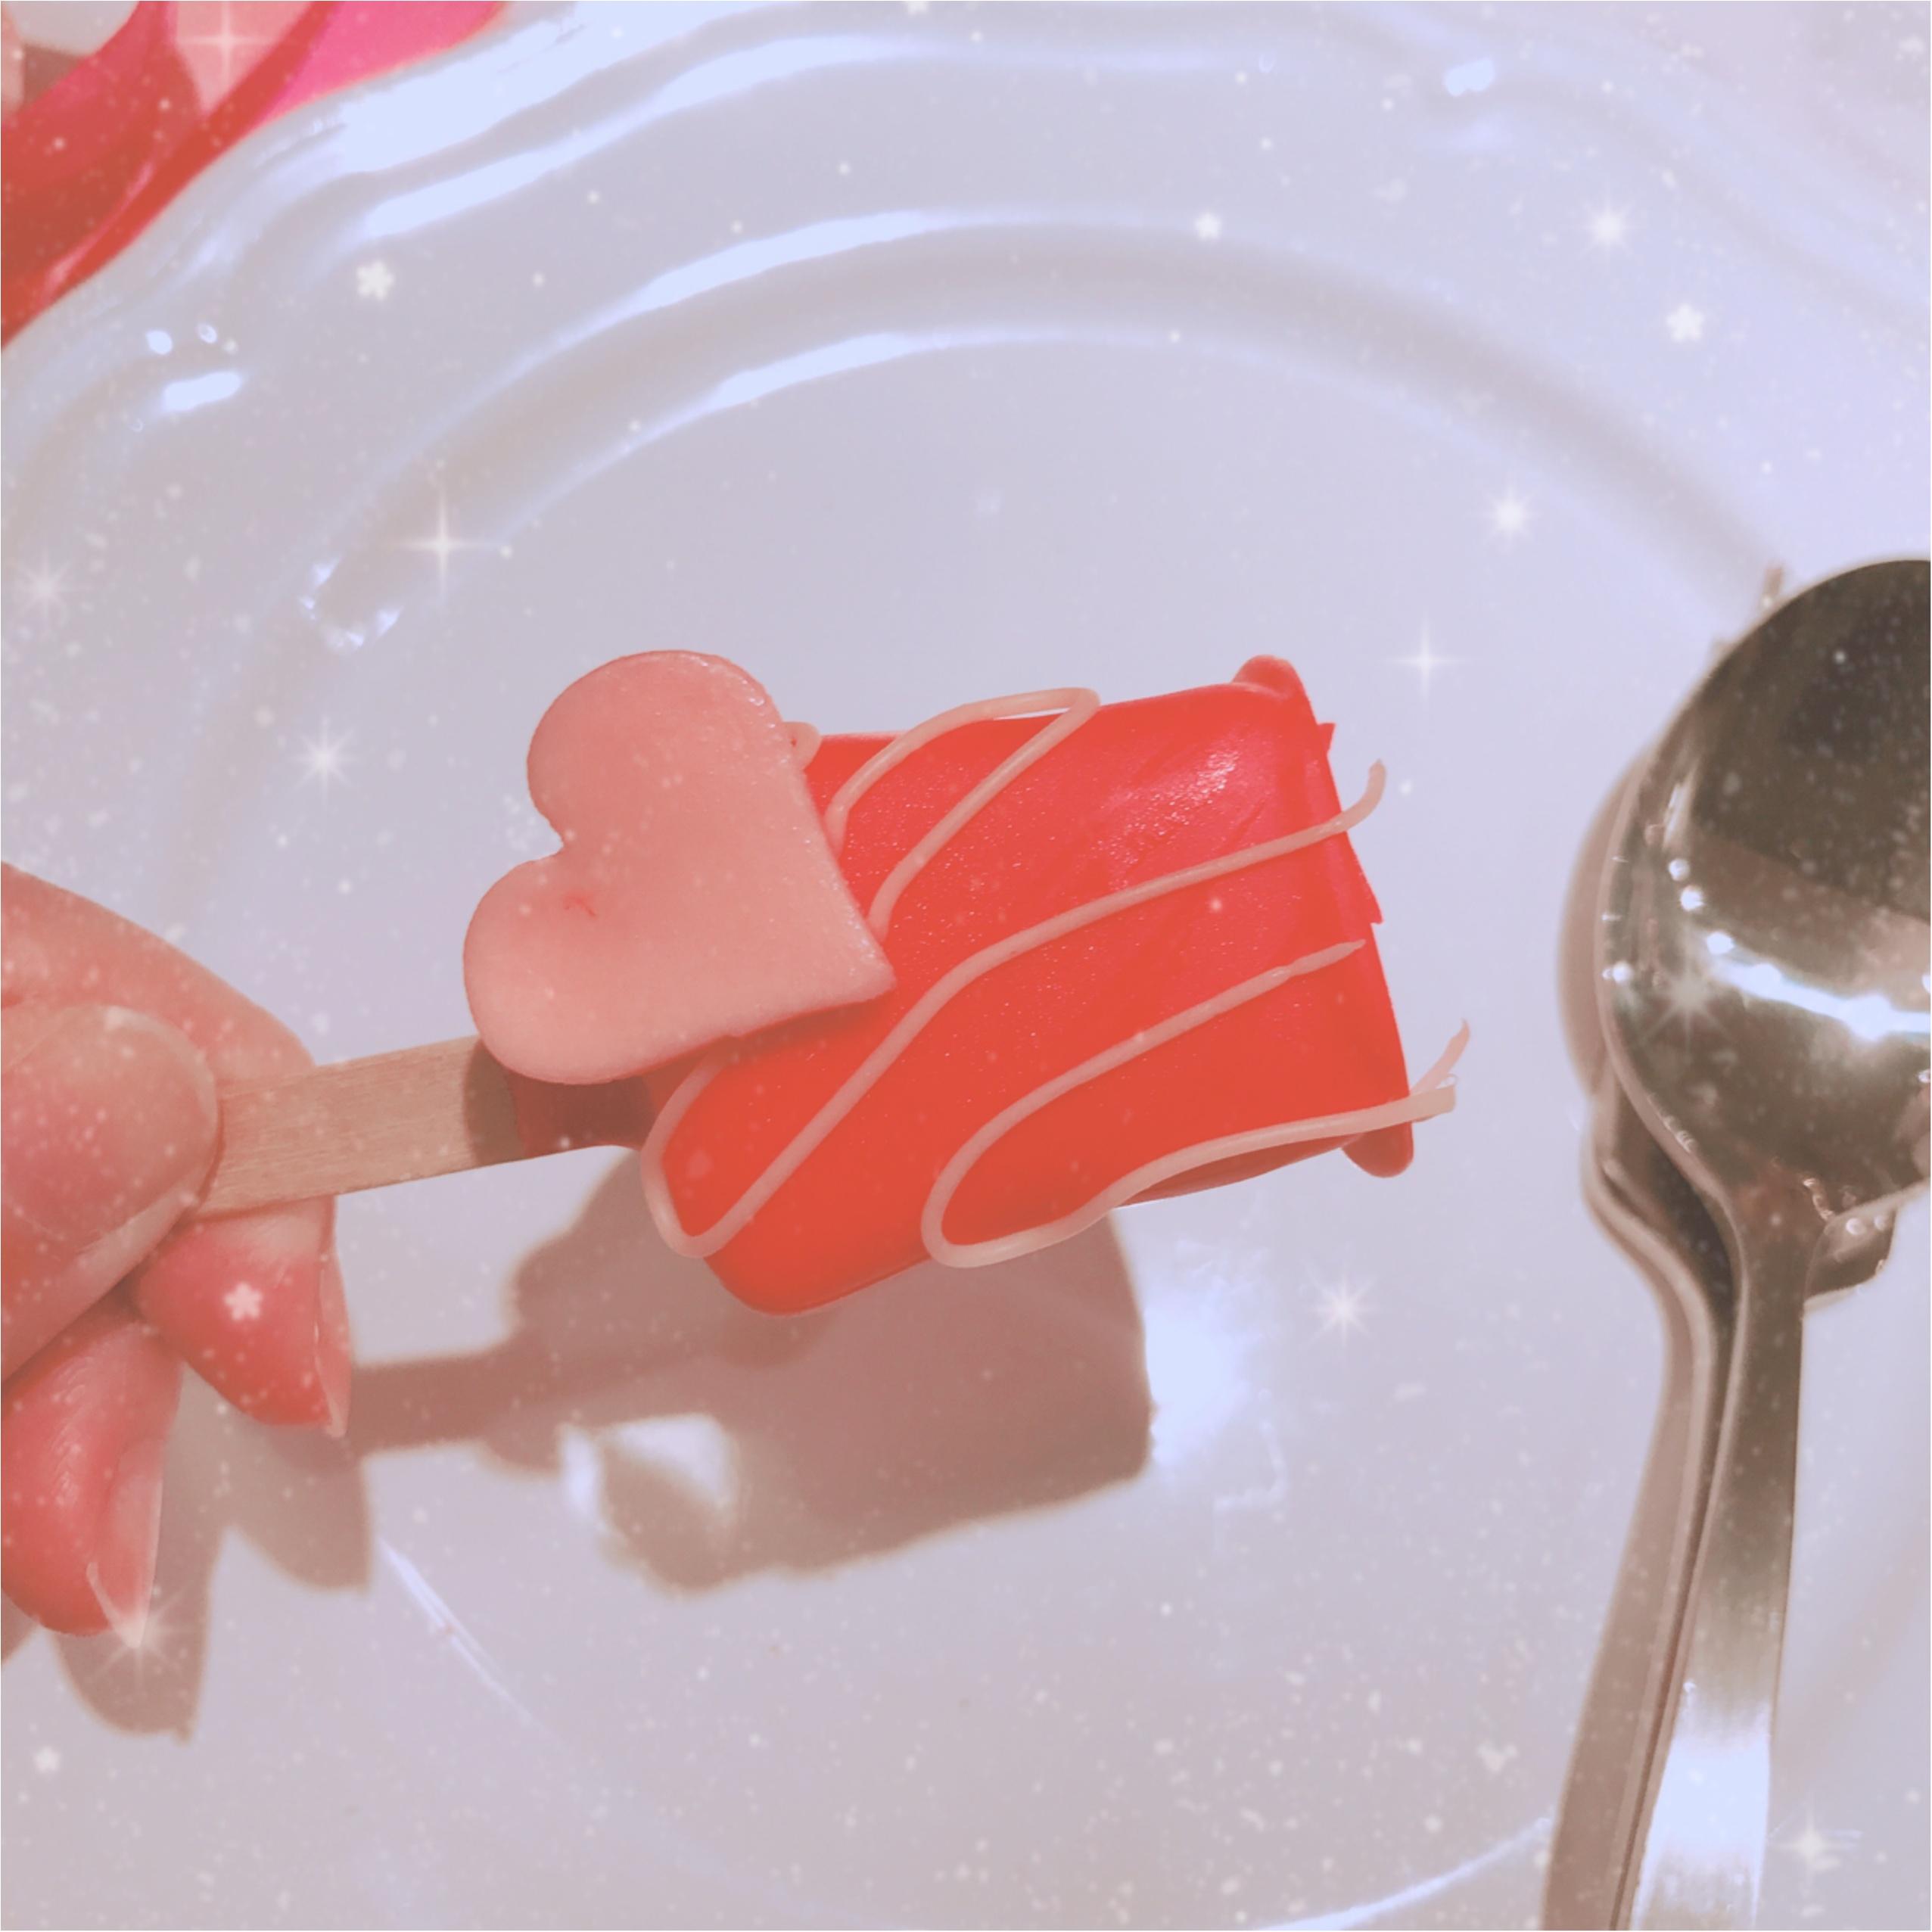 土日祝限定!完全予約制、ジンジャーガーデン青山のピンクアフタヌーンティーが可愛すぎる!_7